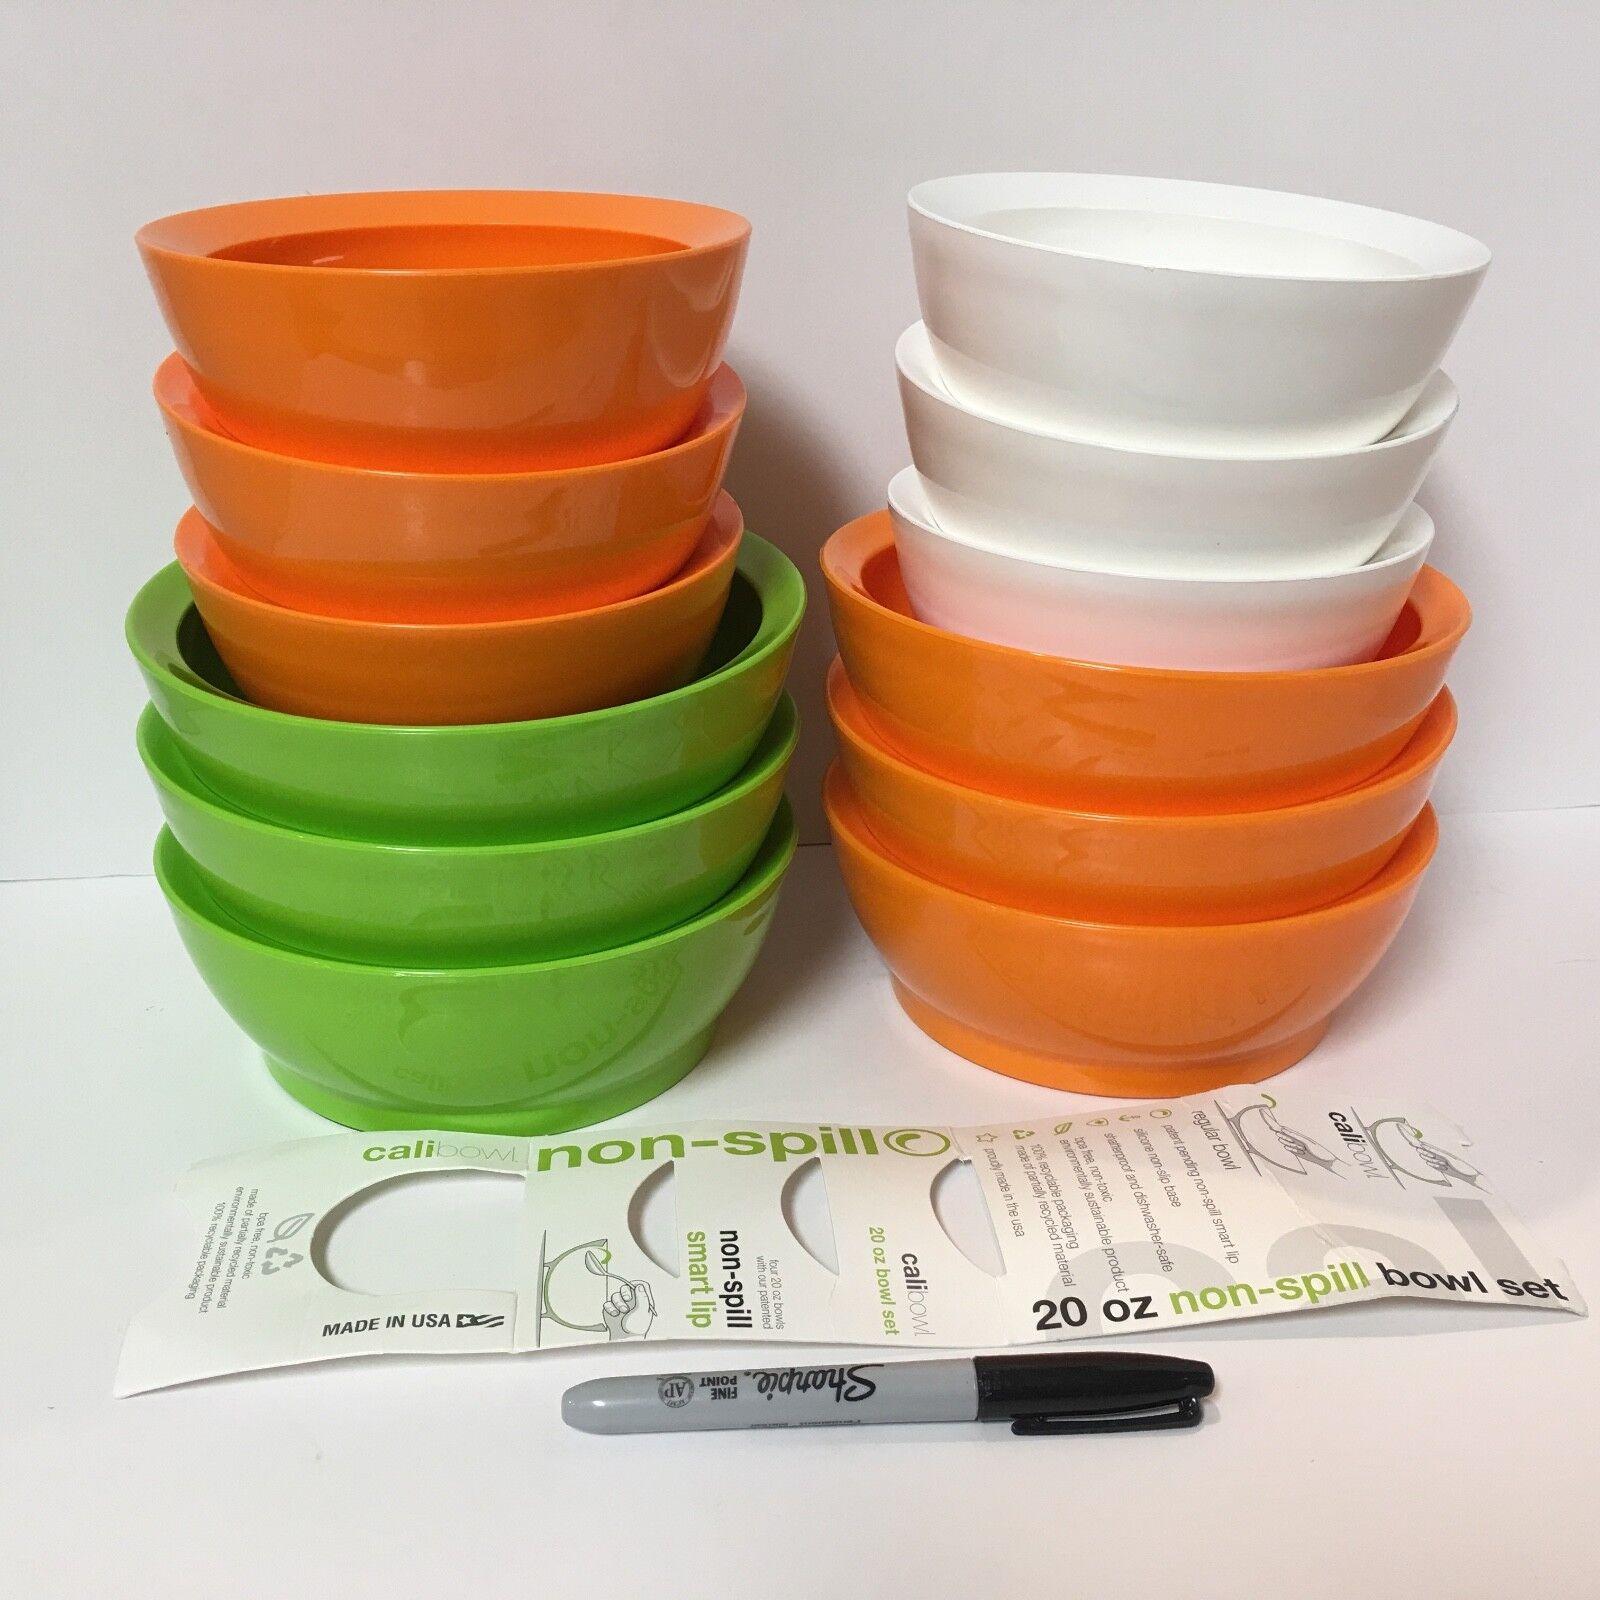 12 CaliBowl MULTI Farbe Non-Spill,  Non-Slip Bowls--ship free